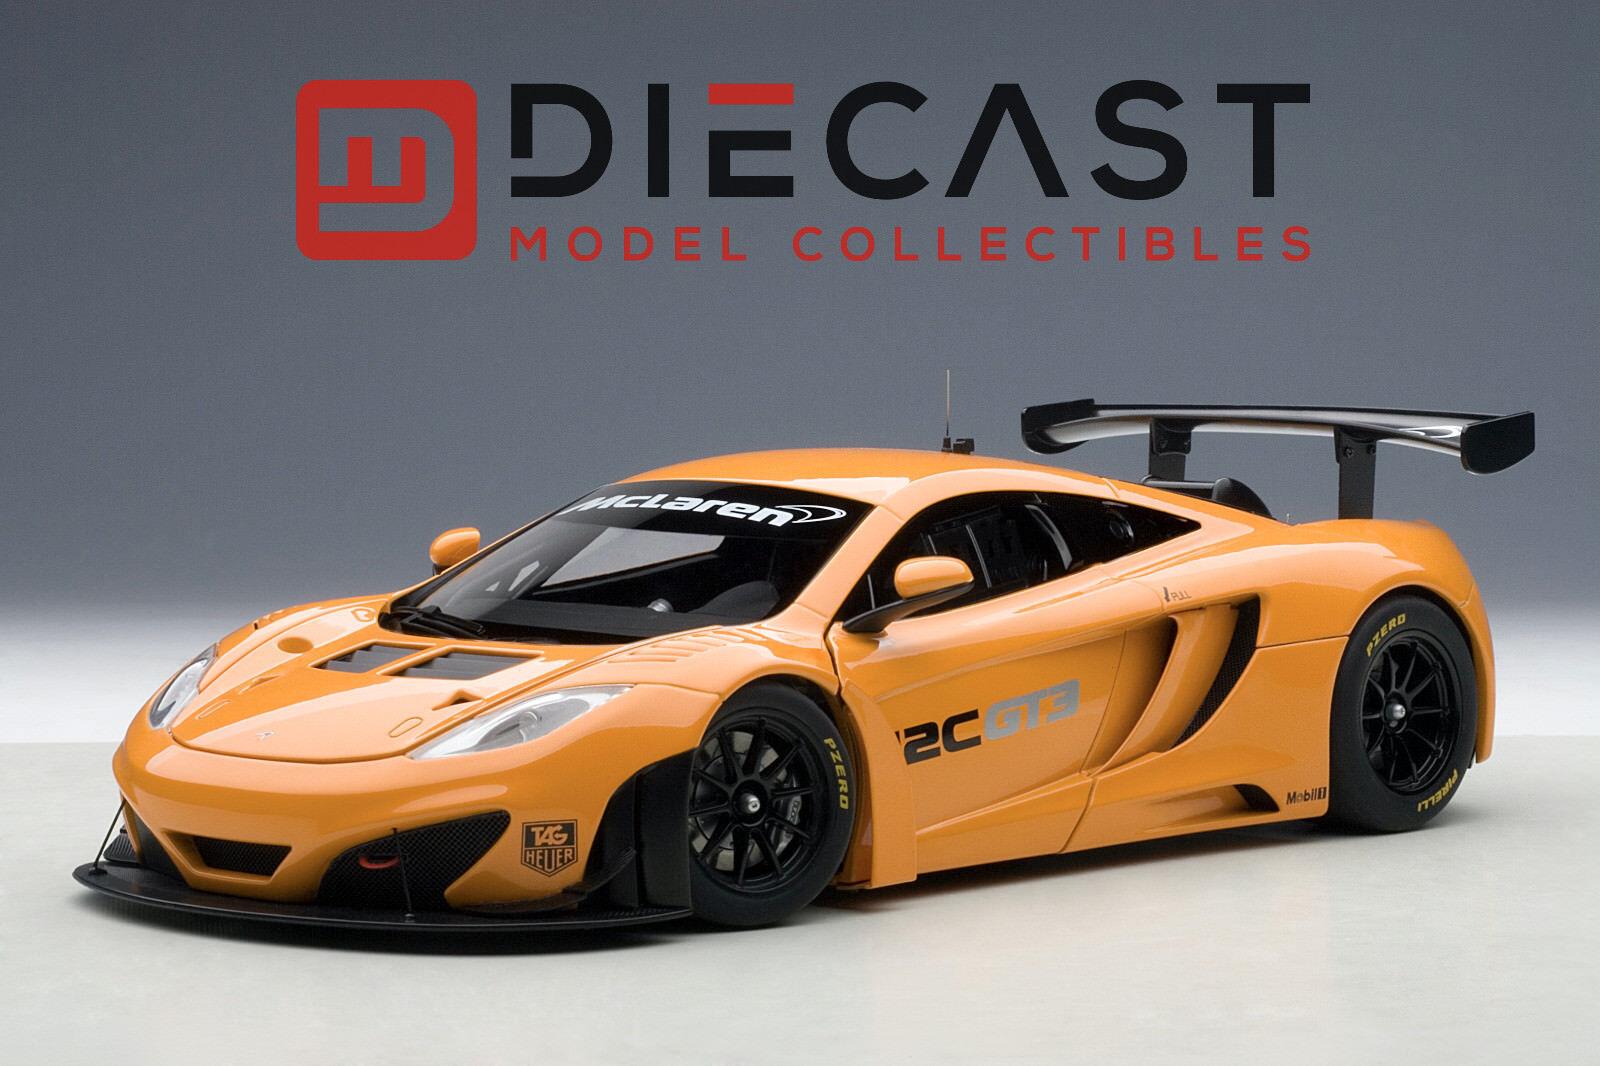 AUTOART 81340 MCLAREN 12C GT3 PRESENTATION CAR, METALLIC orange 1 18TH SCALE